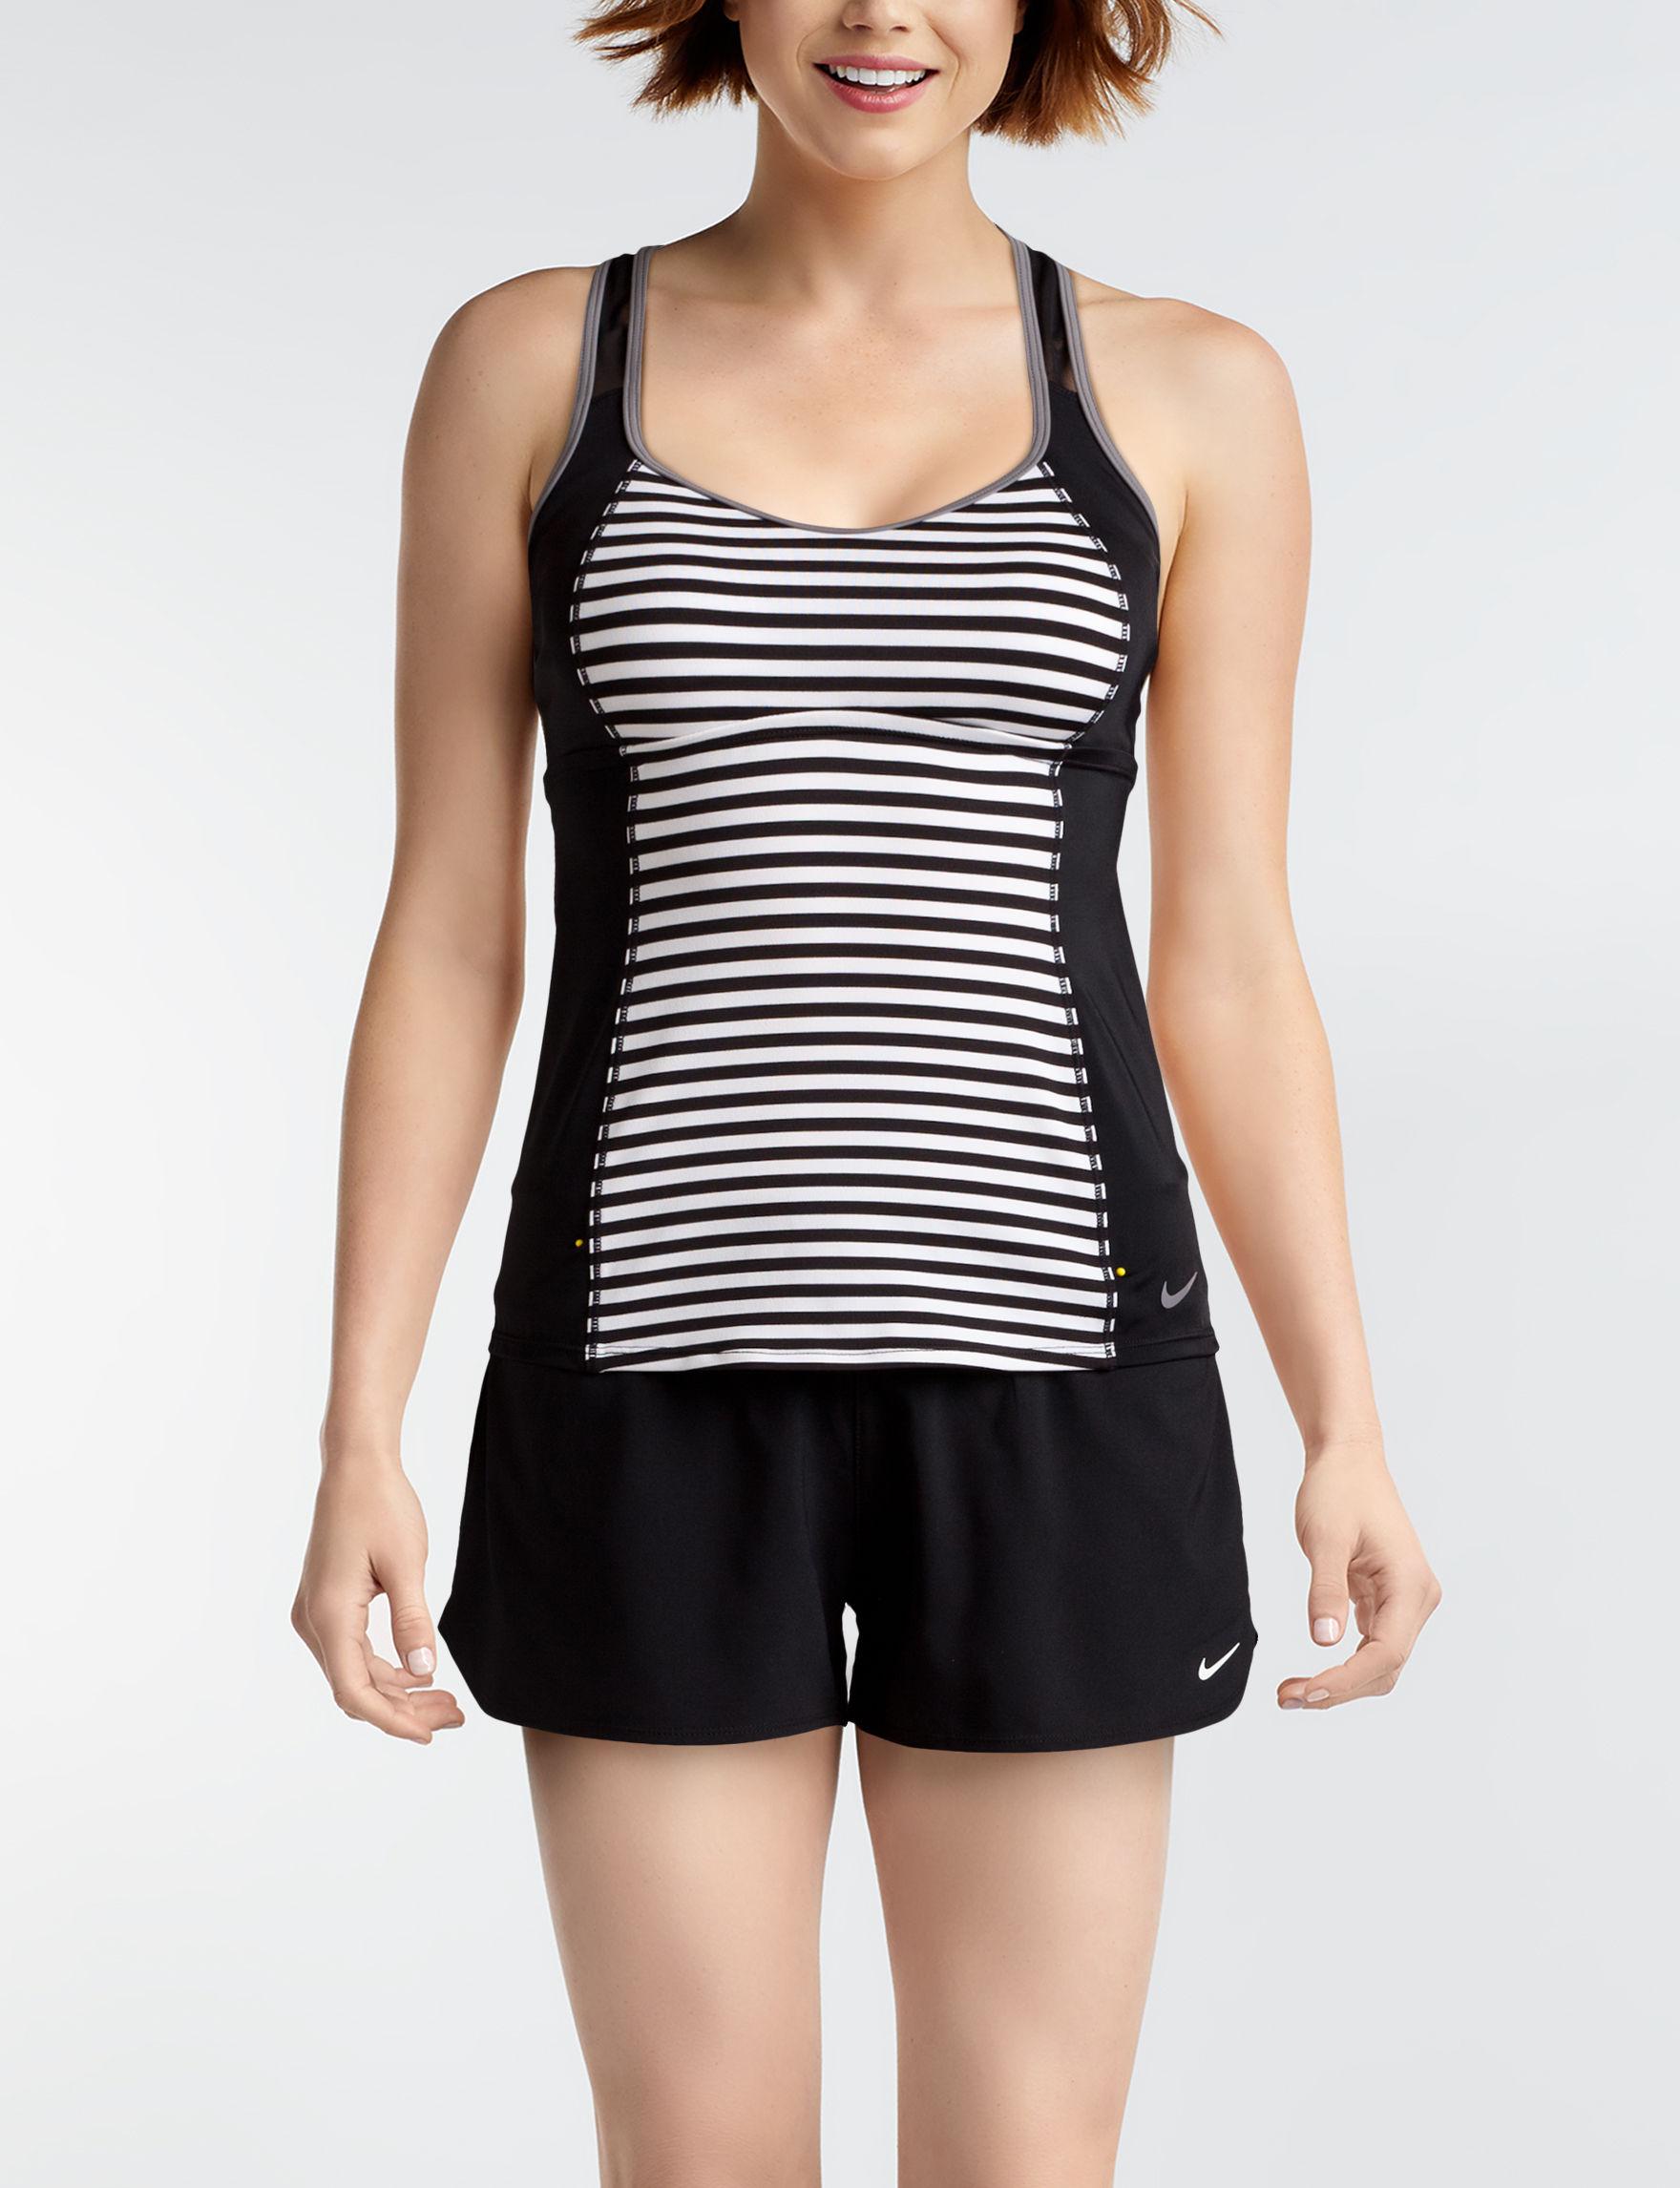 Nike Black White Swimsuit Tops Tankini